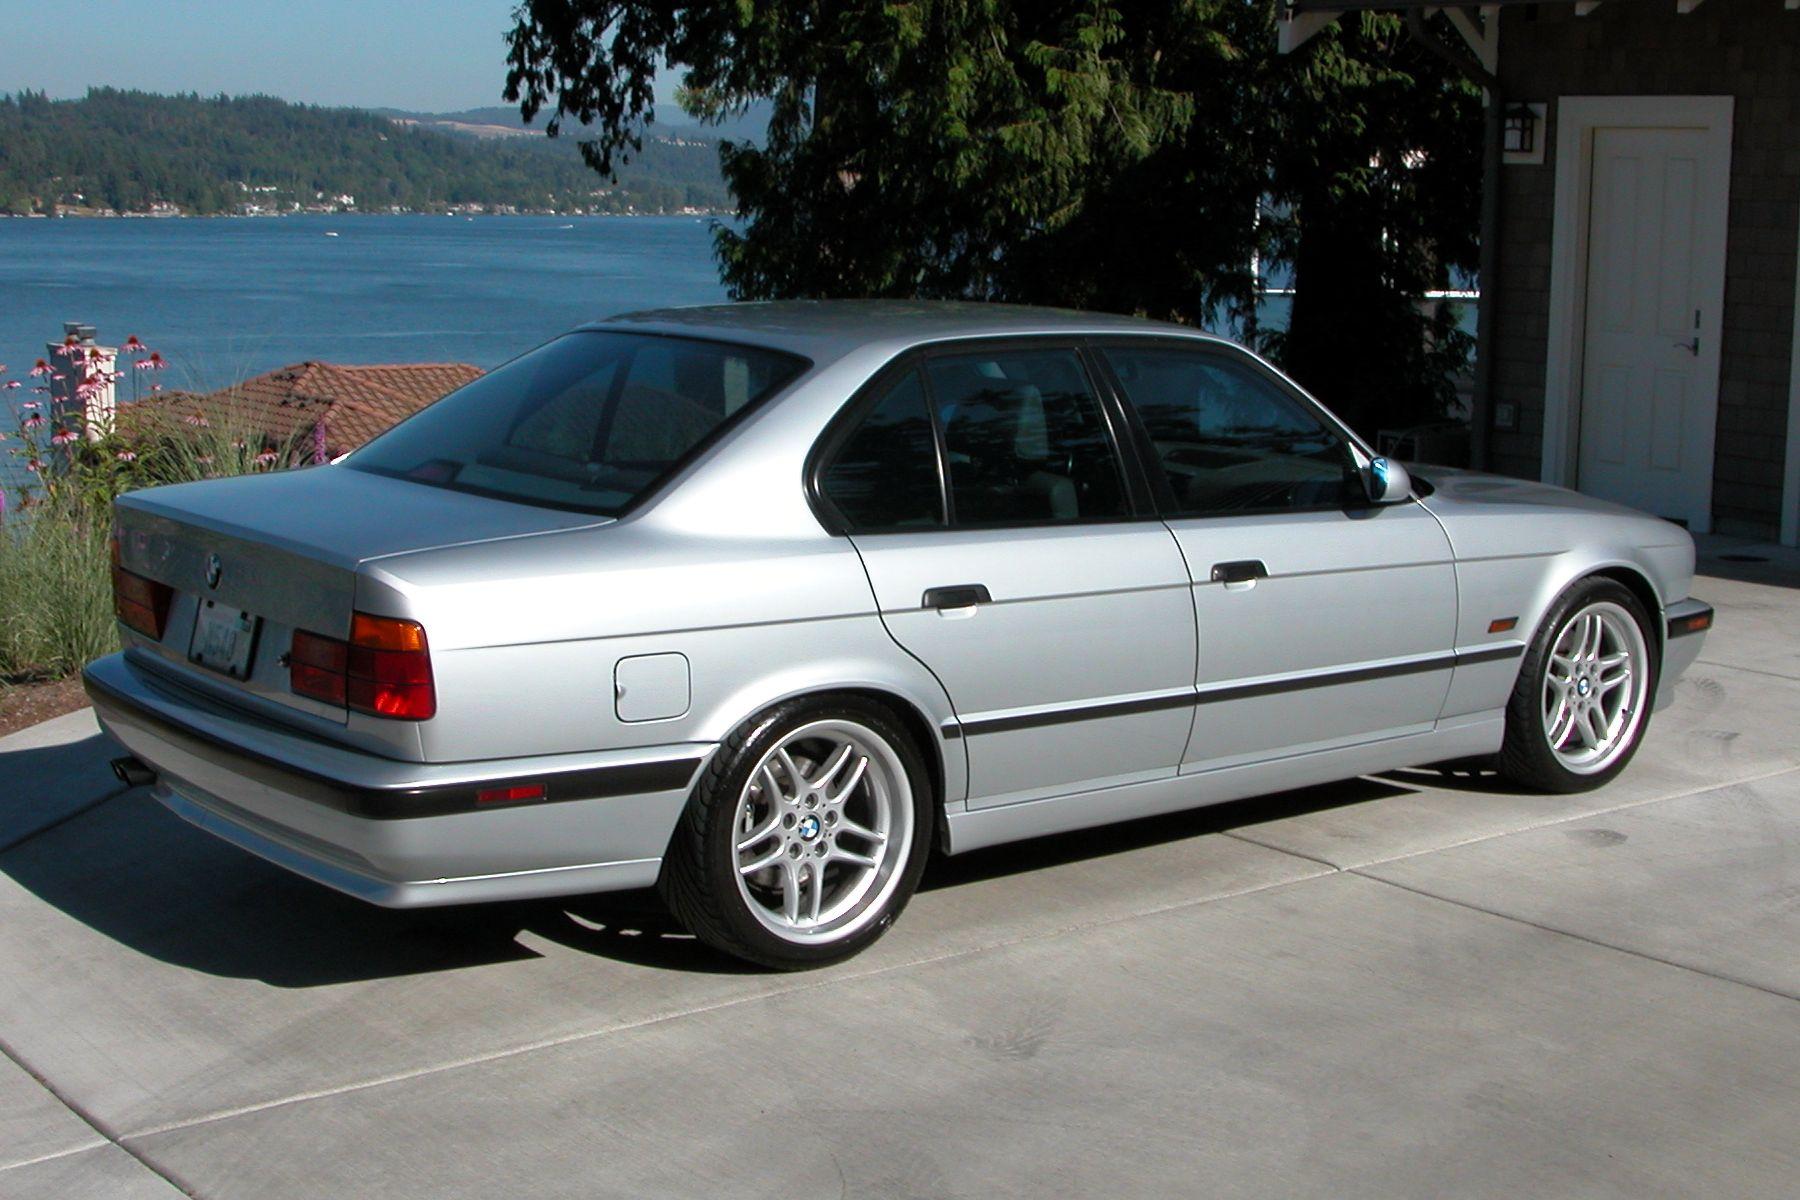 BMW-serie-5-E34-2